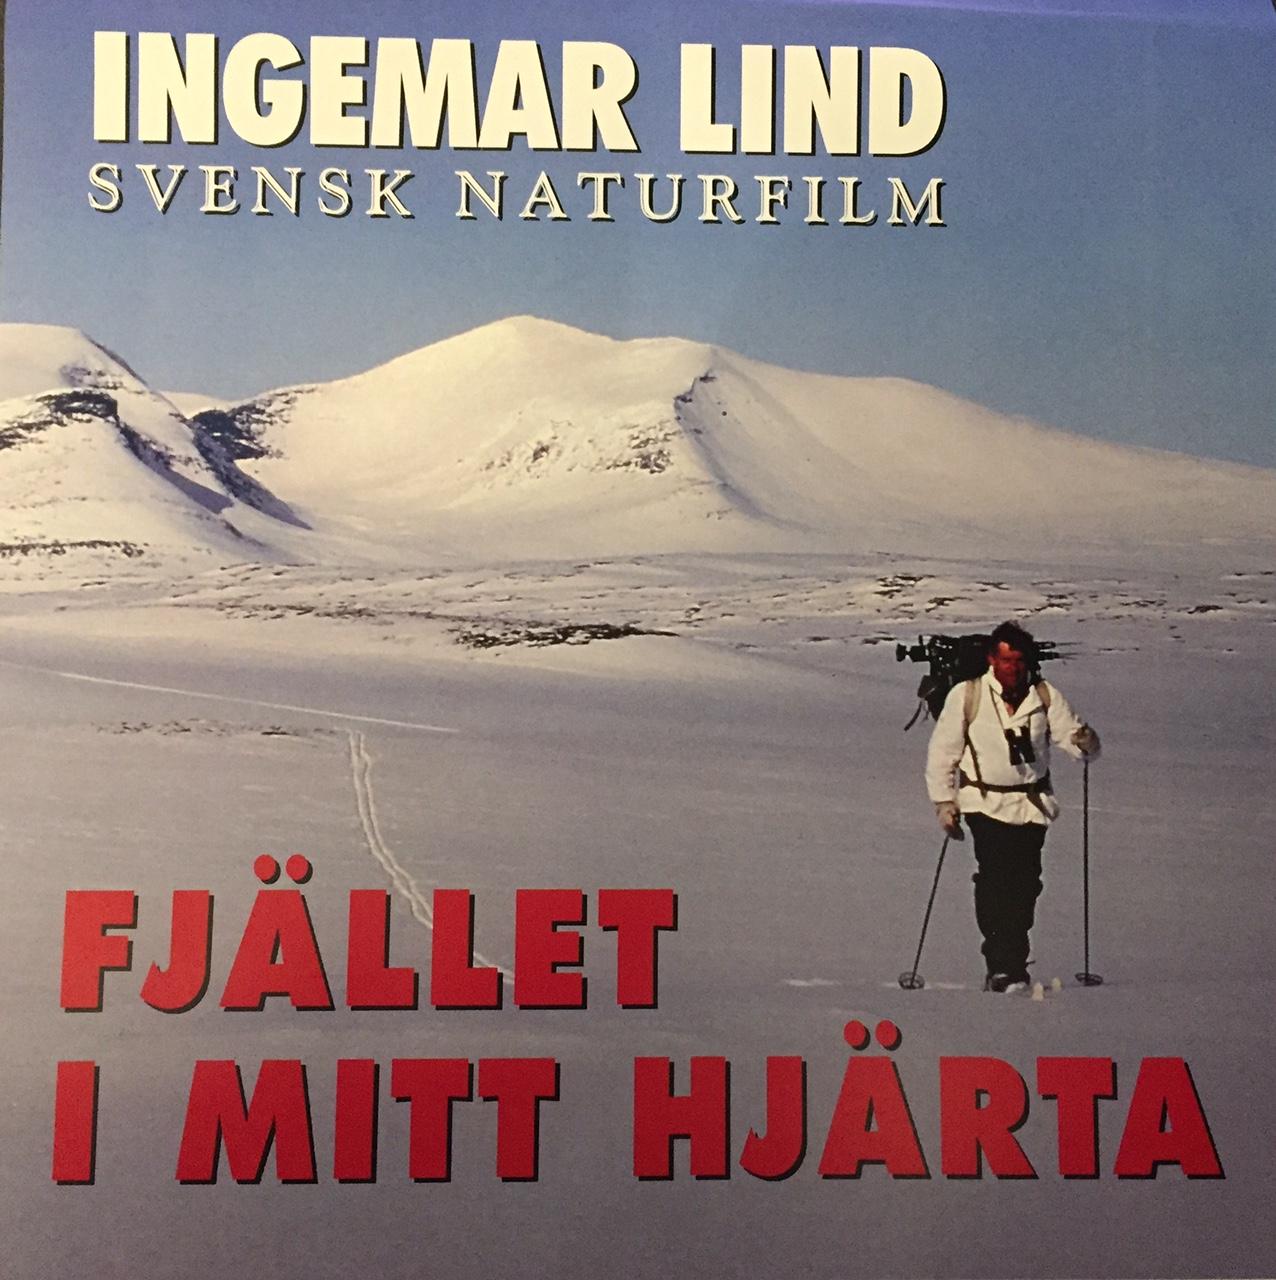 Filmvisning med Ingemar Lind